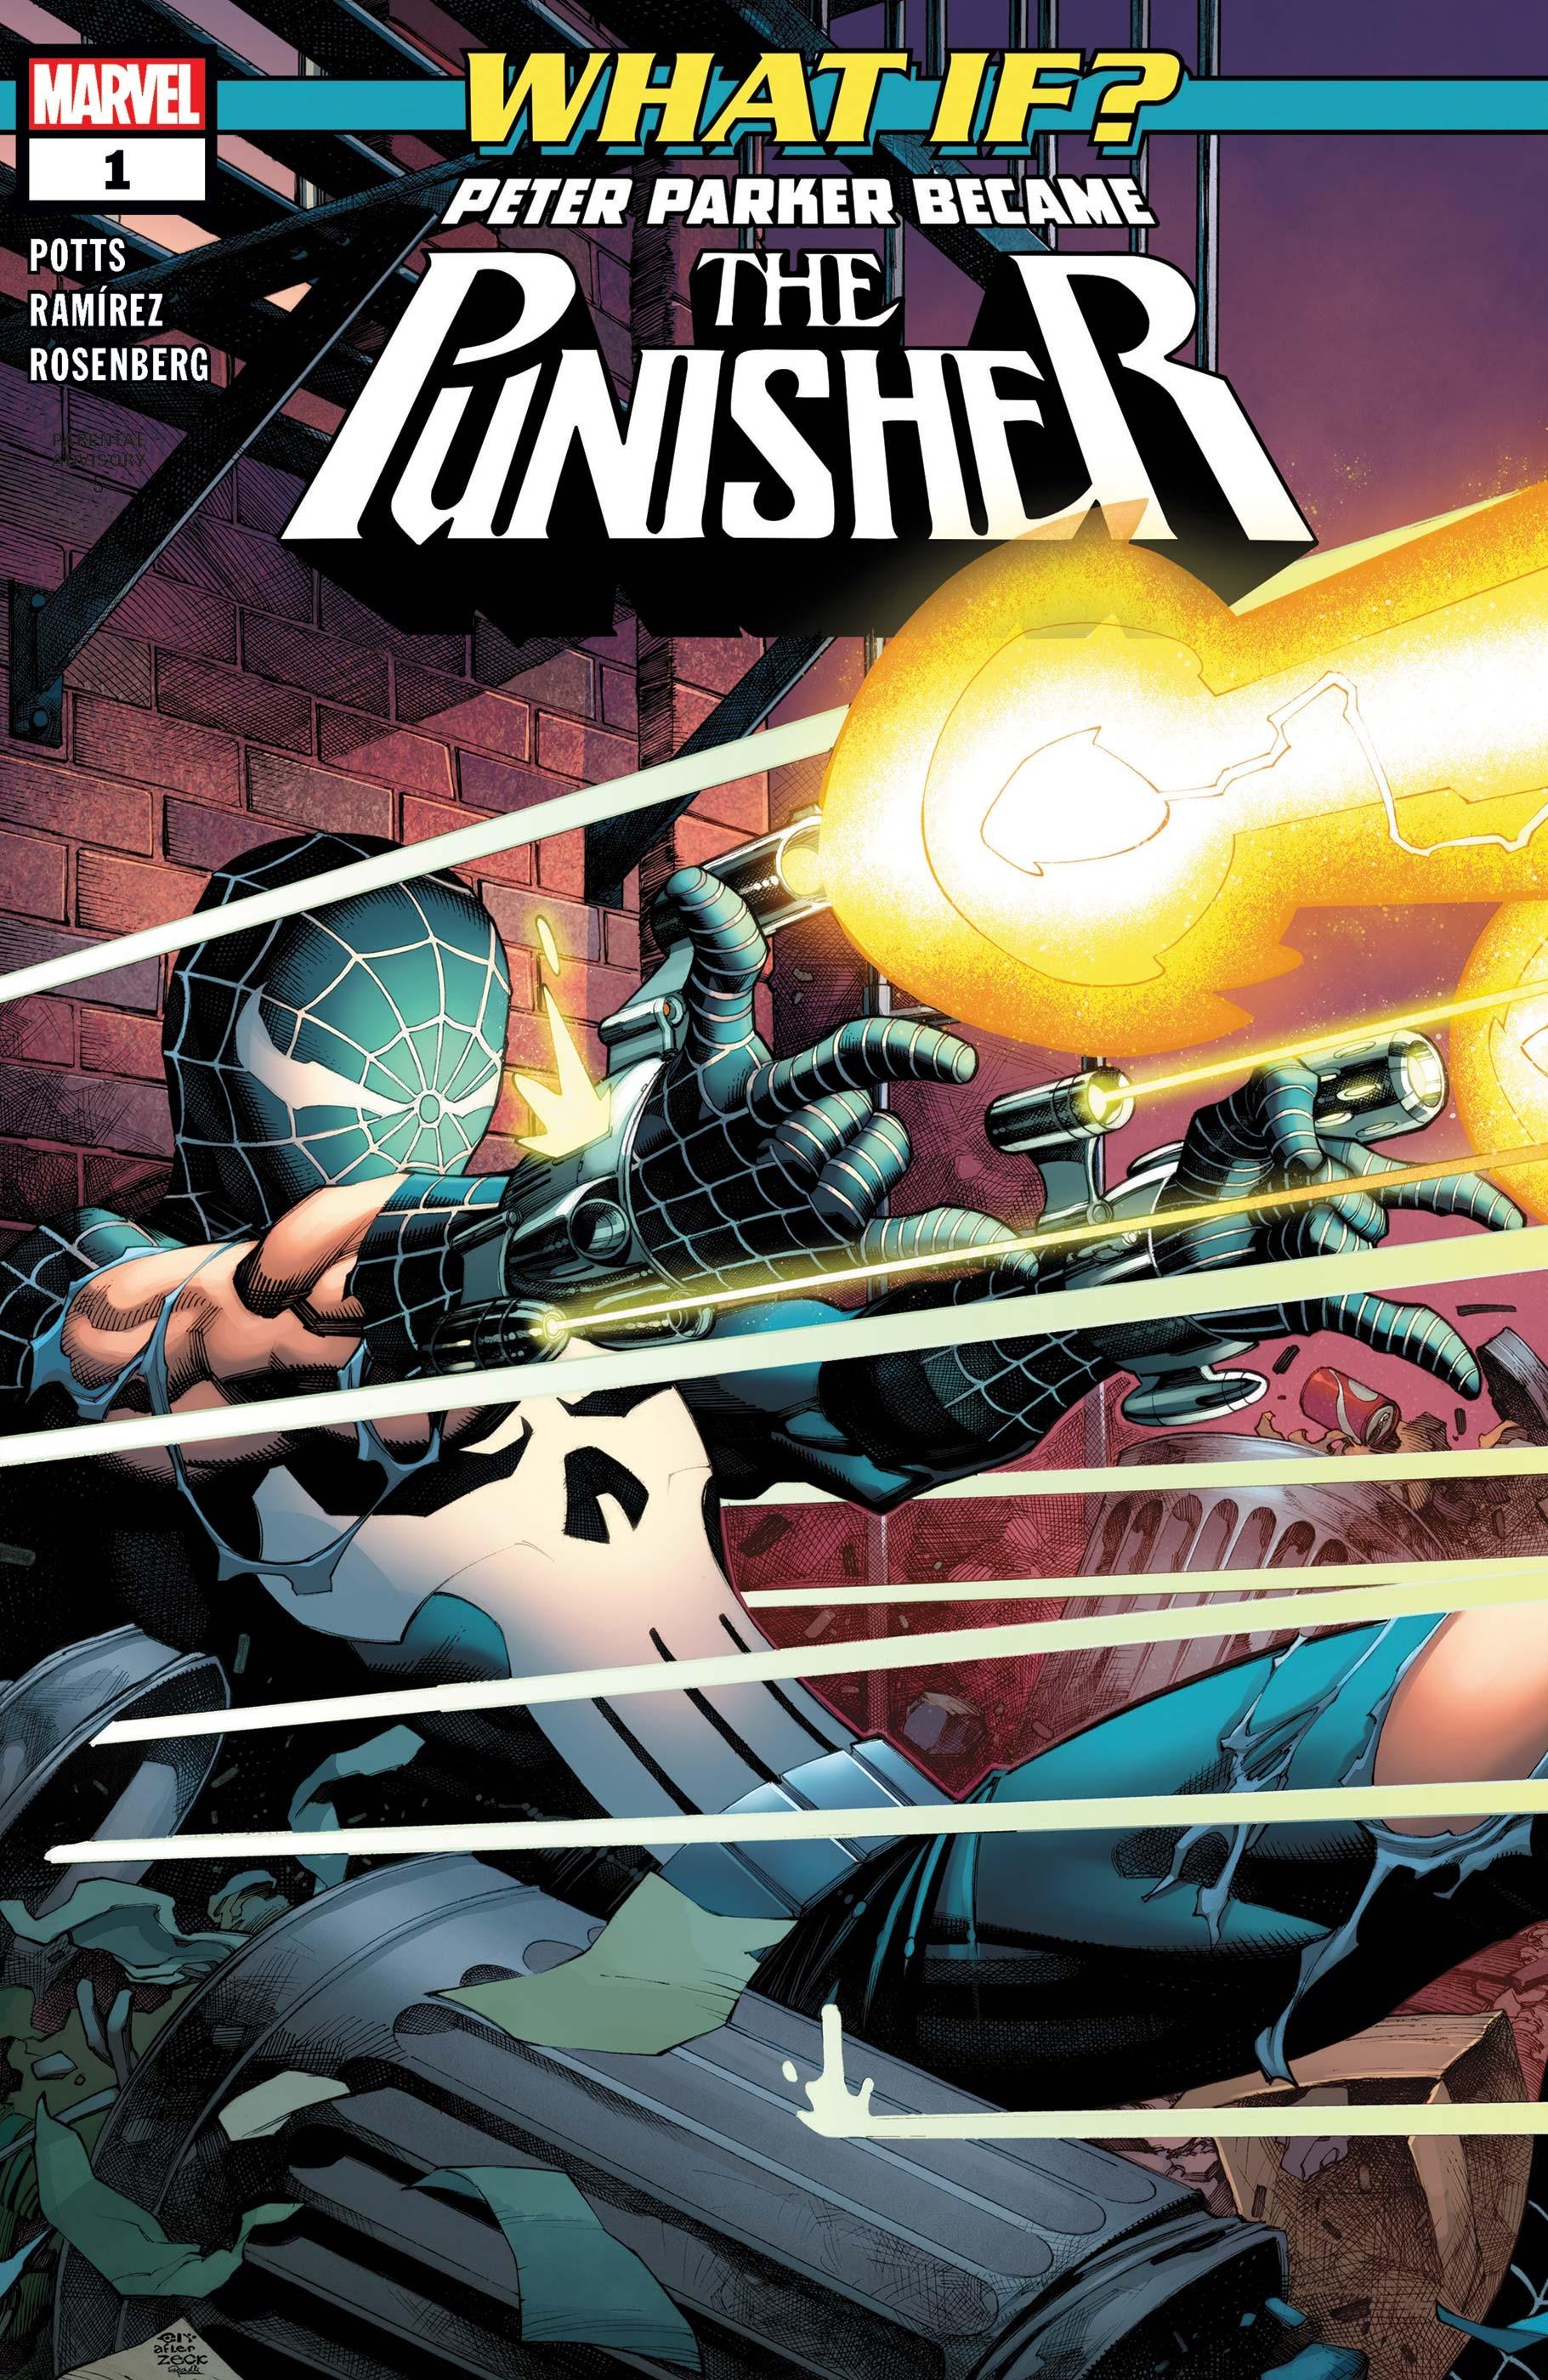 [Слухи] Серия комиксов Marvel «What If» может превратиться в мультсериал